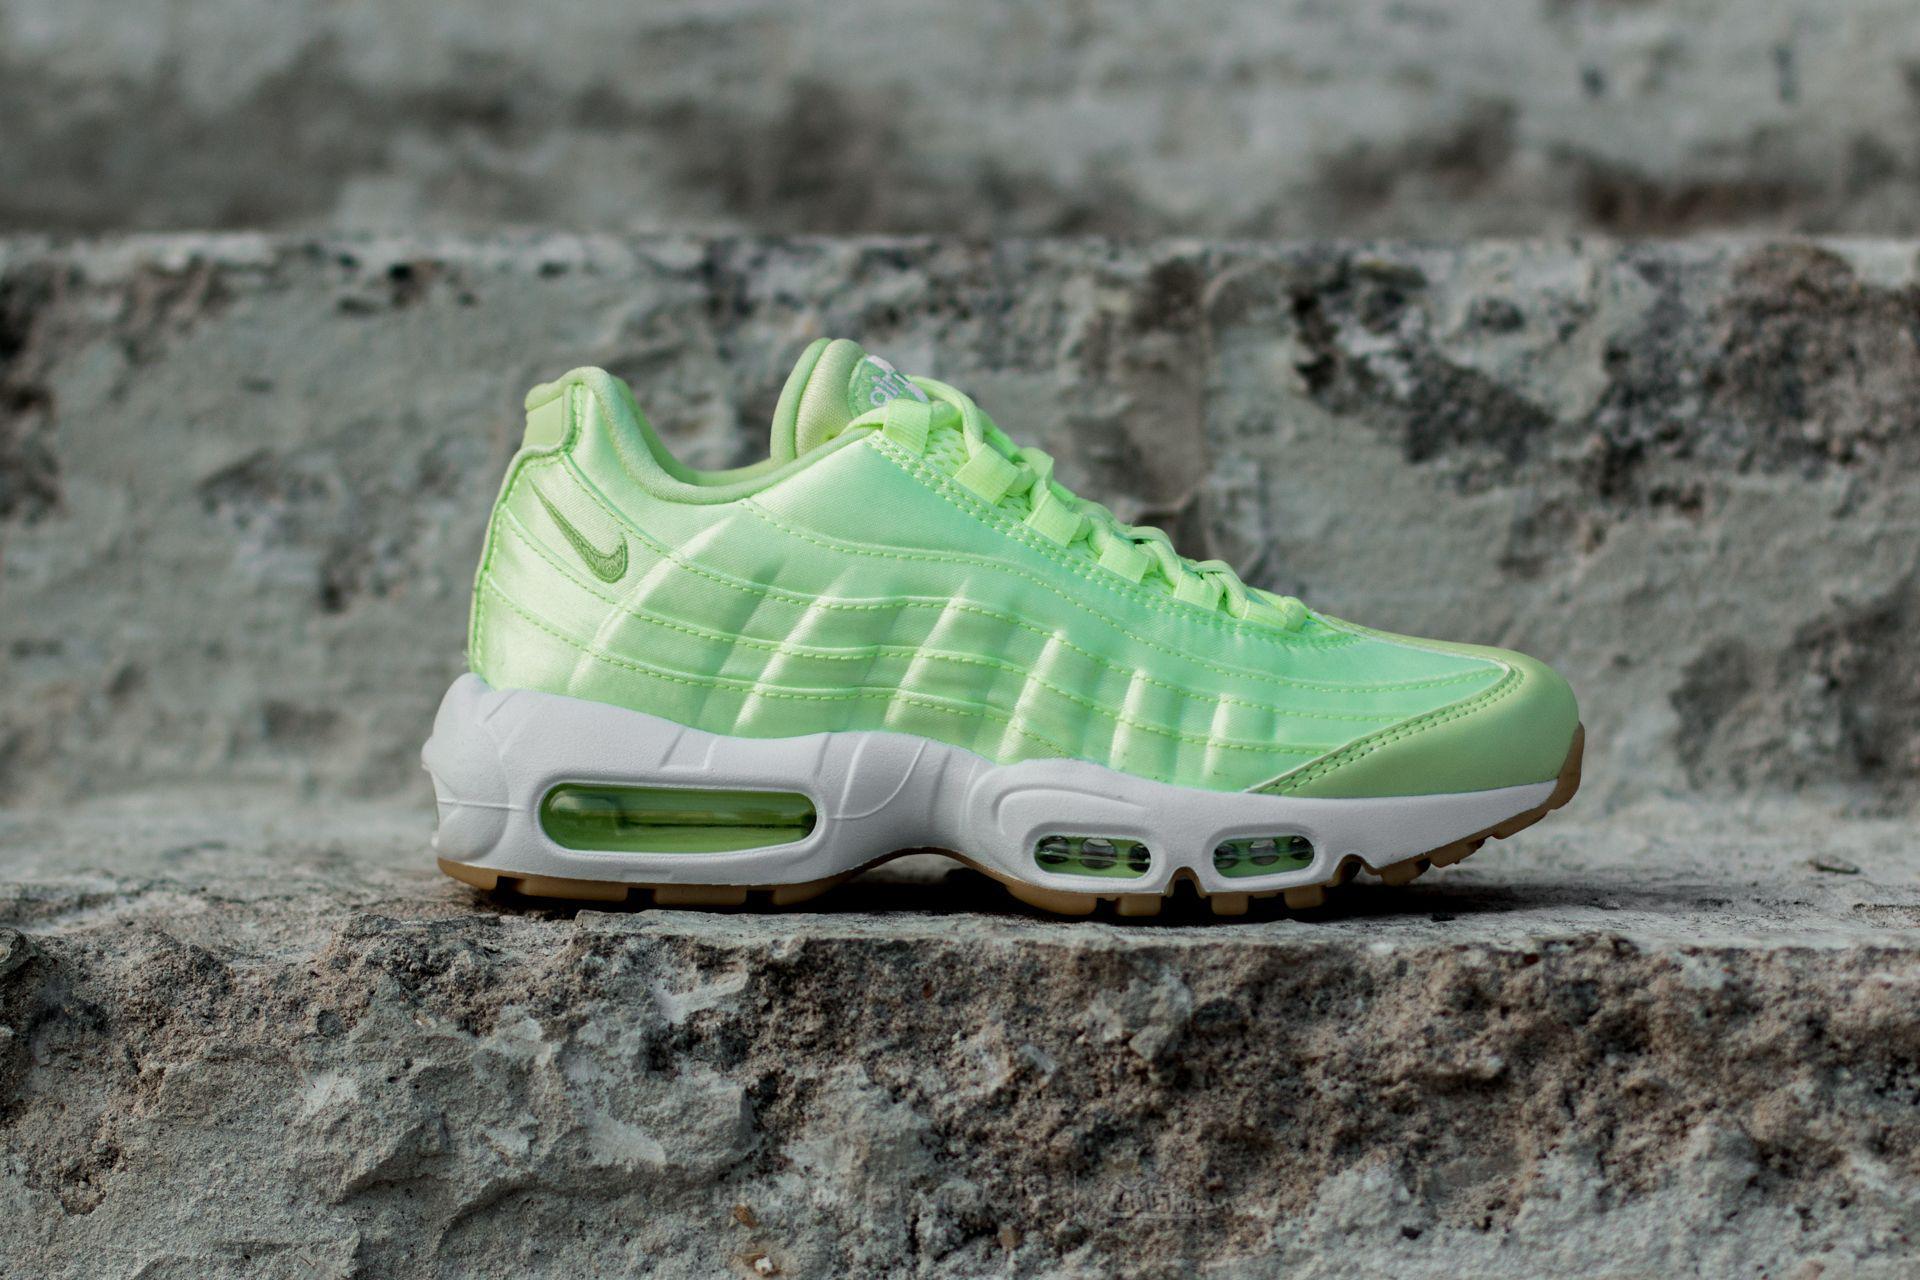 9a97662a1a Nike Wmns Air Max 95 Wqs Ligth Liquid Lime/ Ligth Liquid Lime in ...